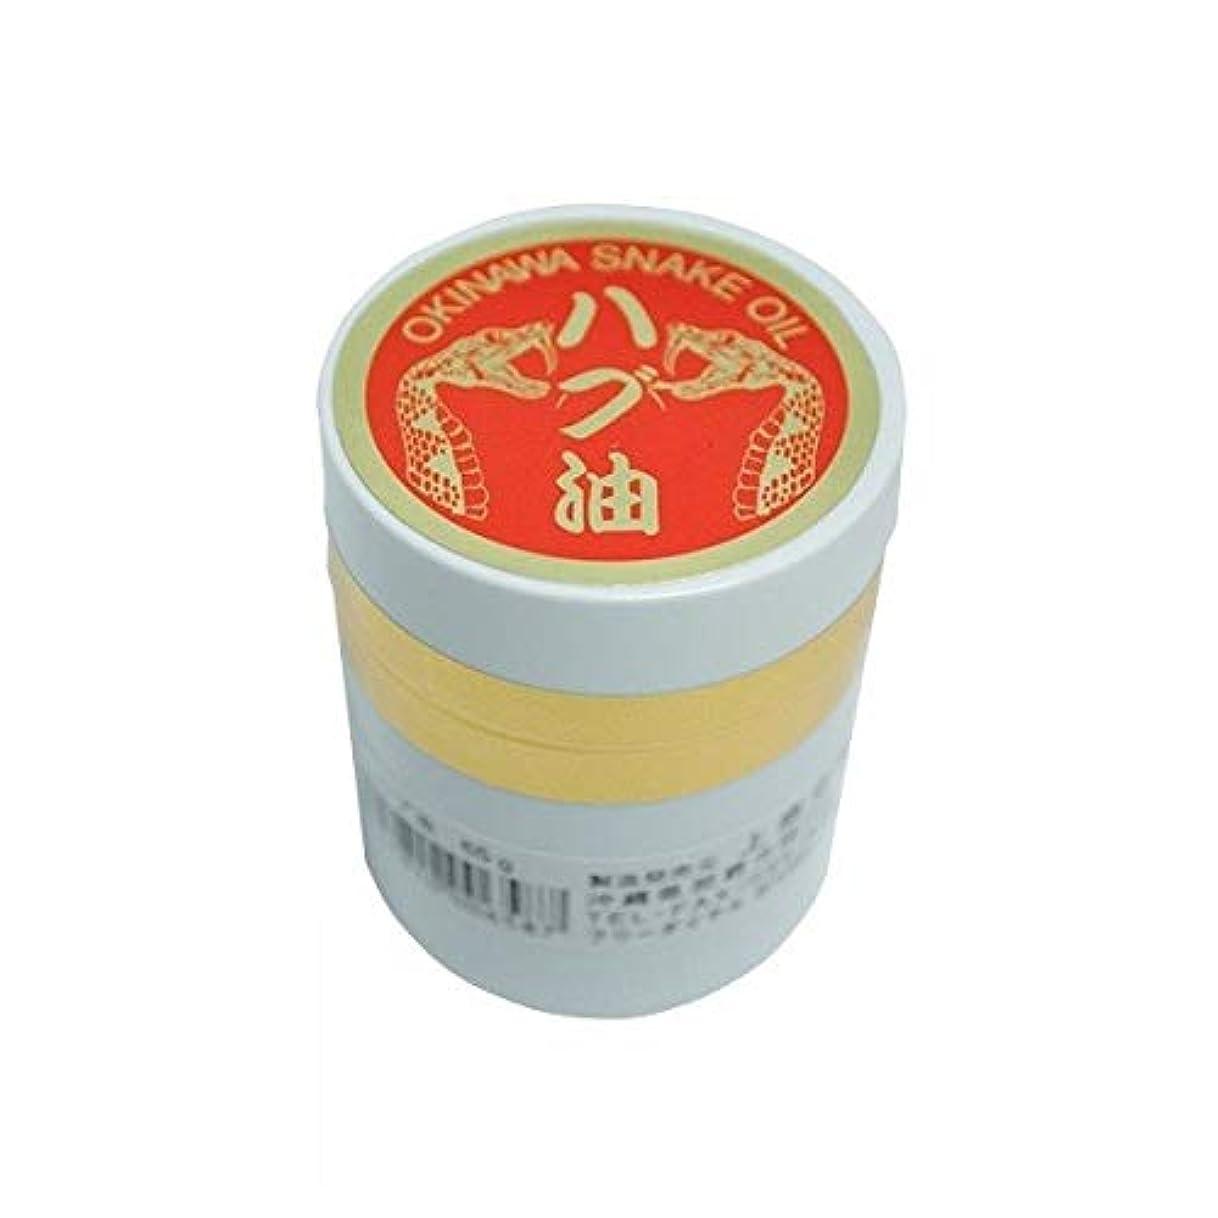 大きなスケールで見るとのれん同化する沖縄産 ハブ油 65g 軟膏タイプ